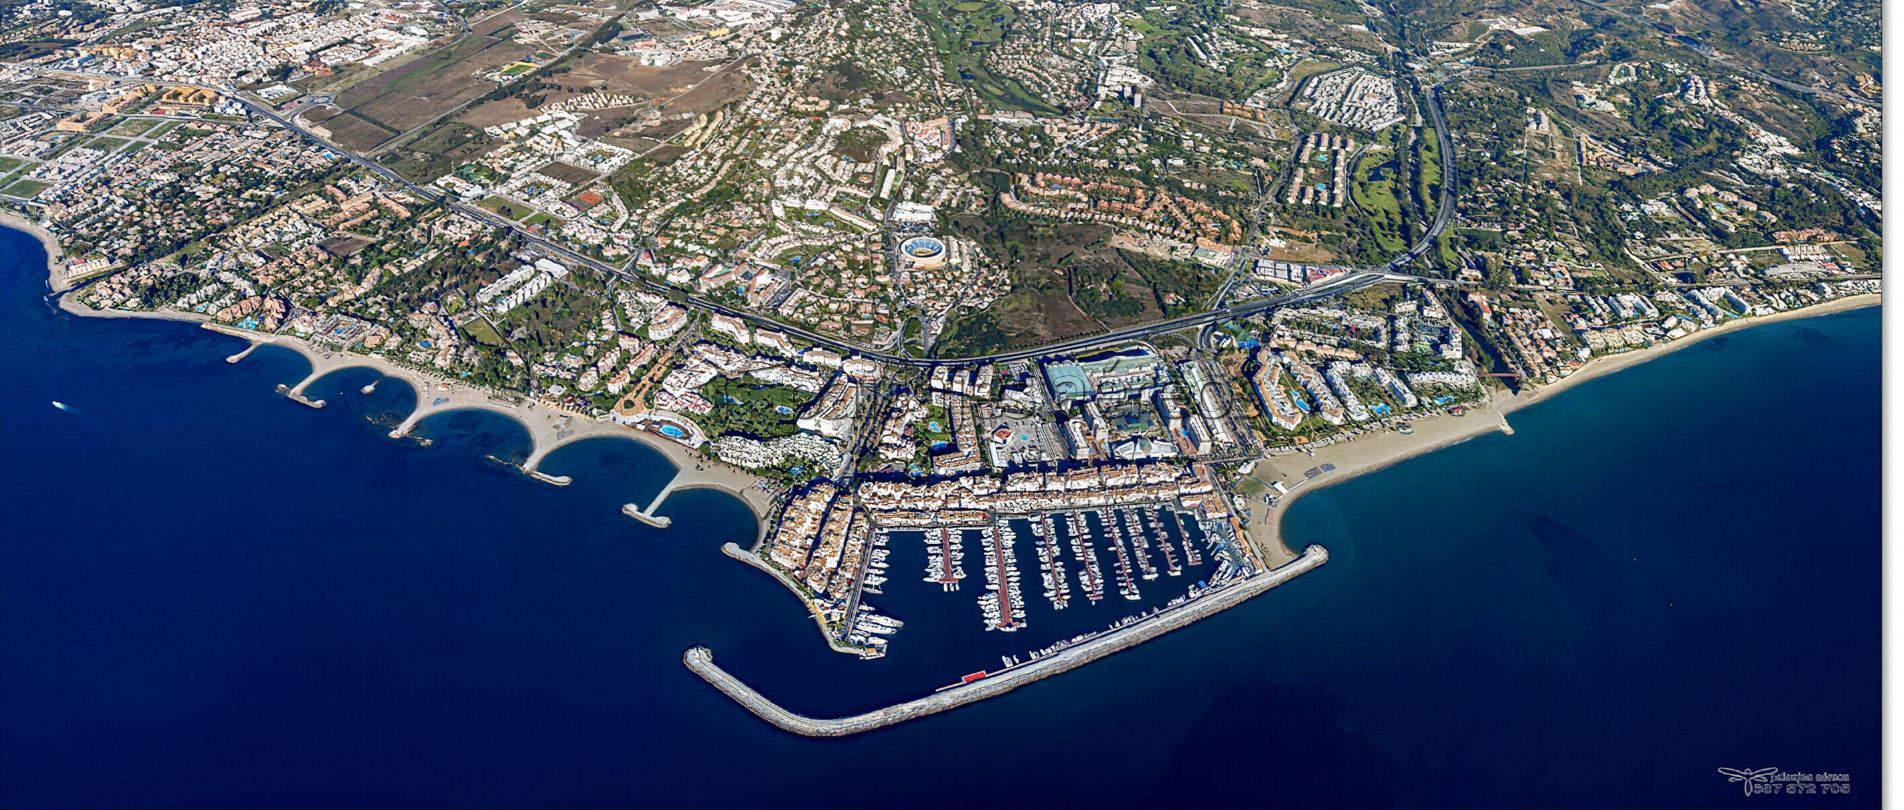 imagen aerea de puerto banus marbella